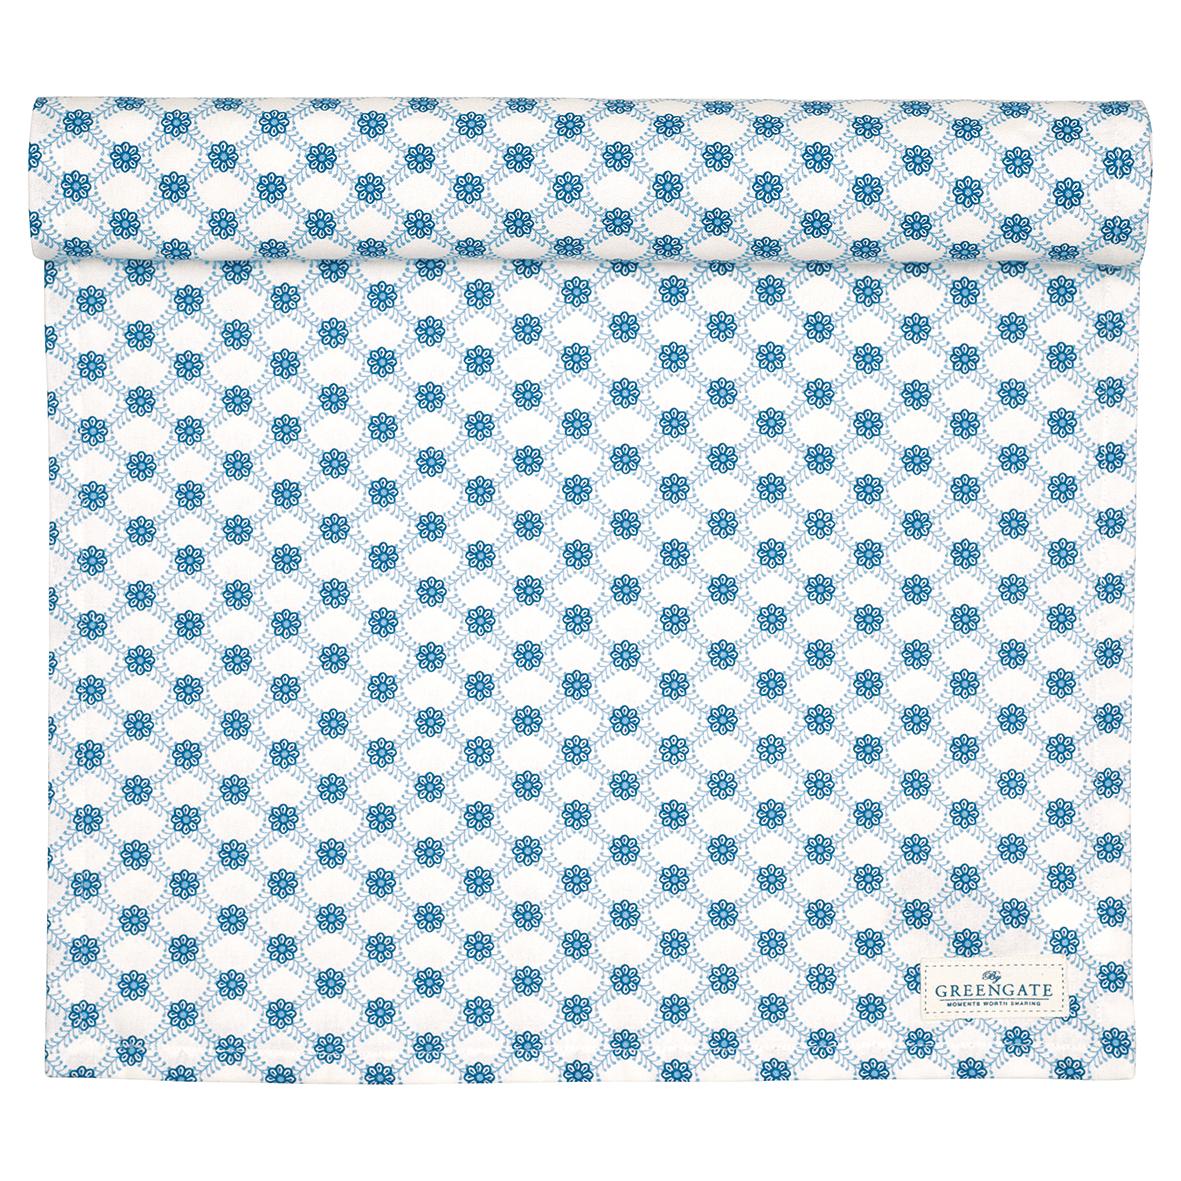 GreenGate Tischläufer Lolly Blue 40 x 140